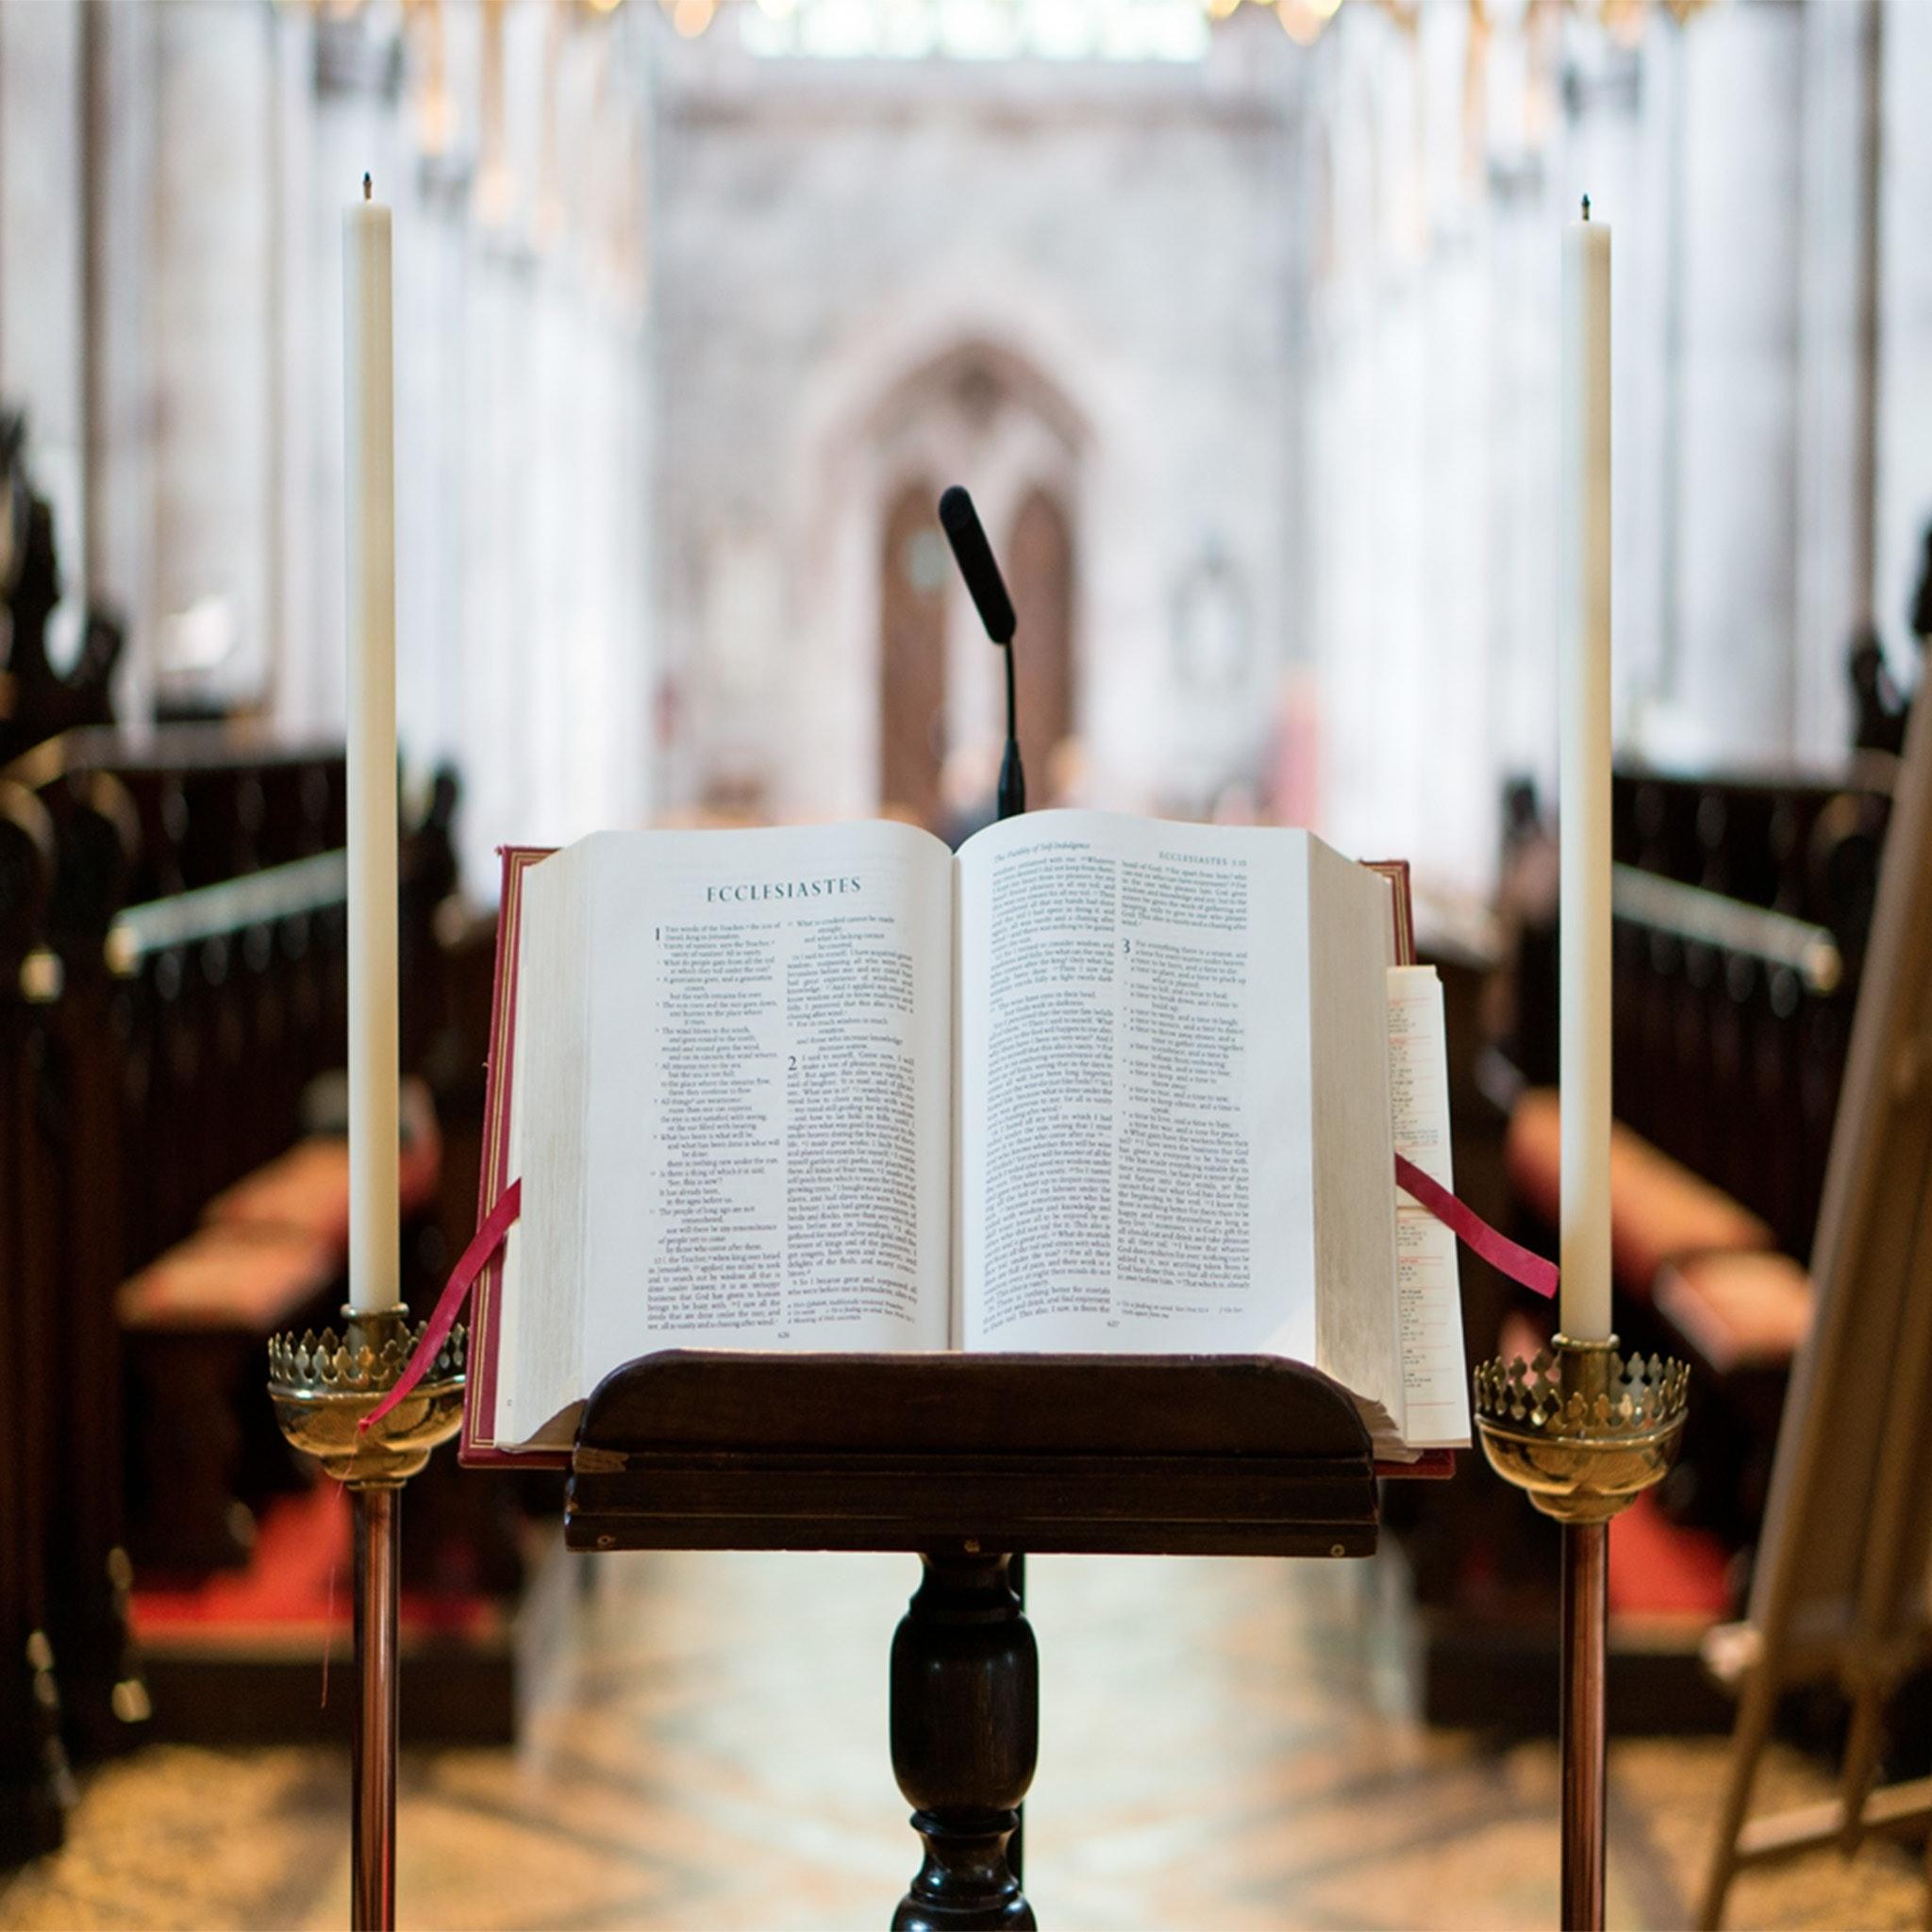 architecture-bible-blur-236113.jpg